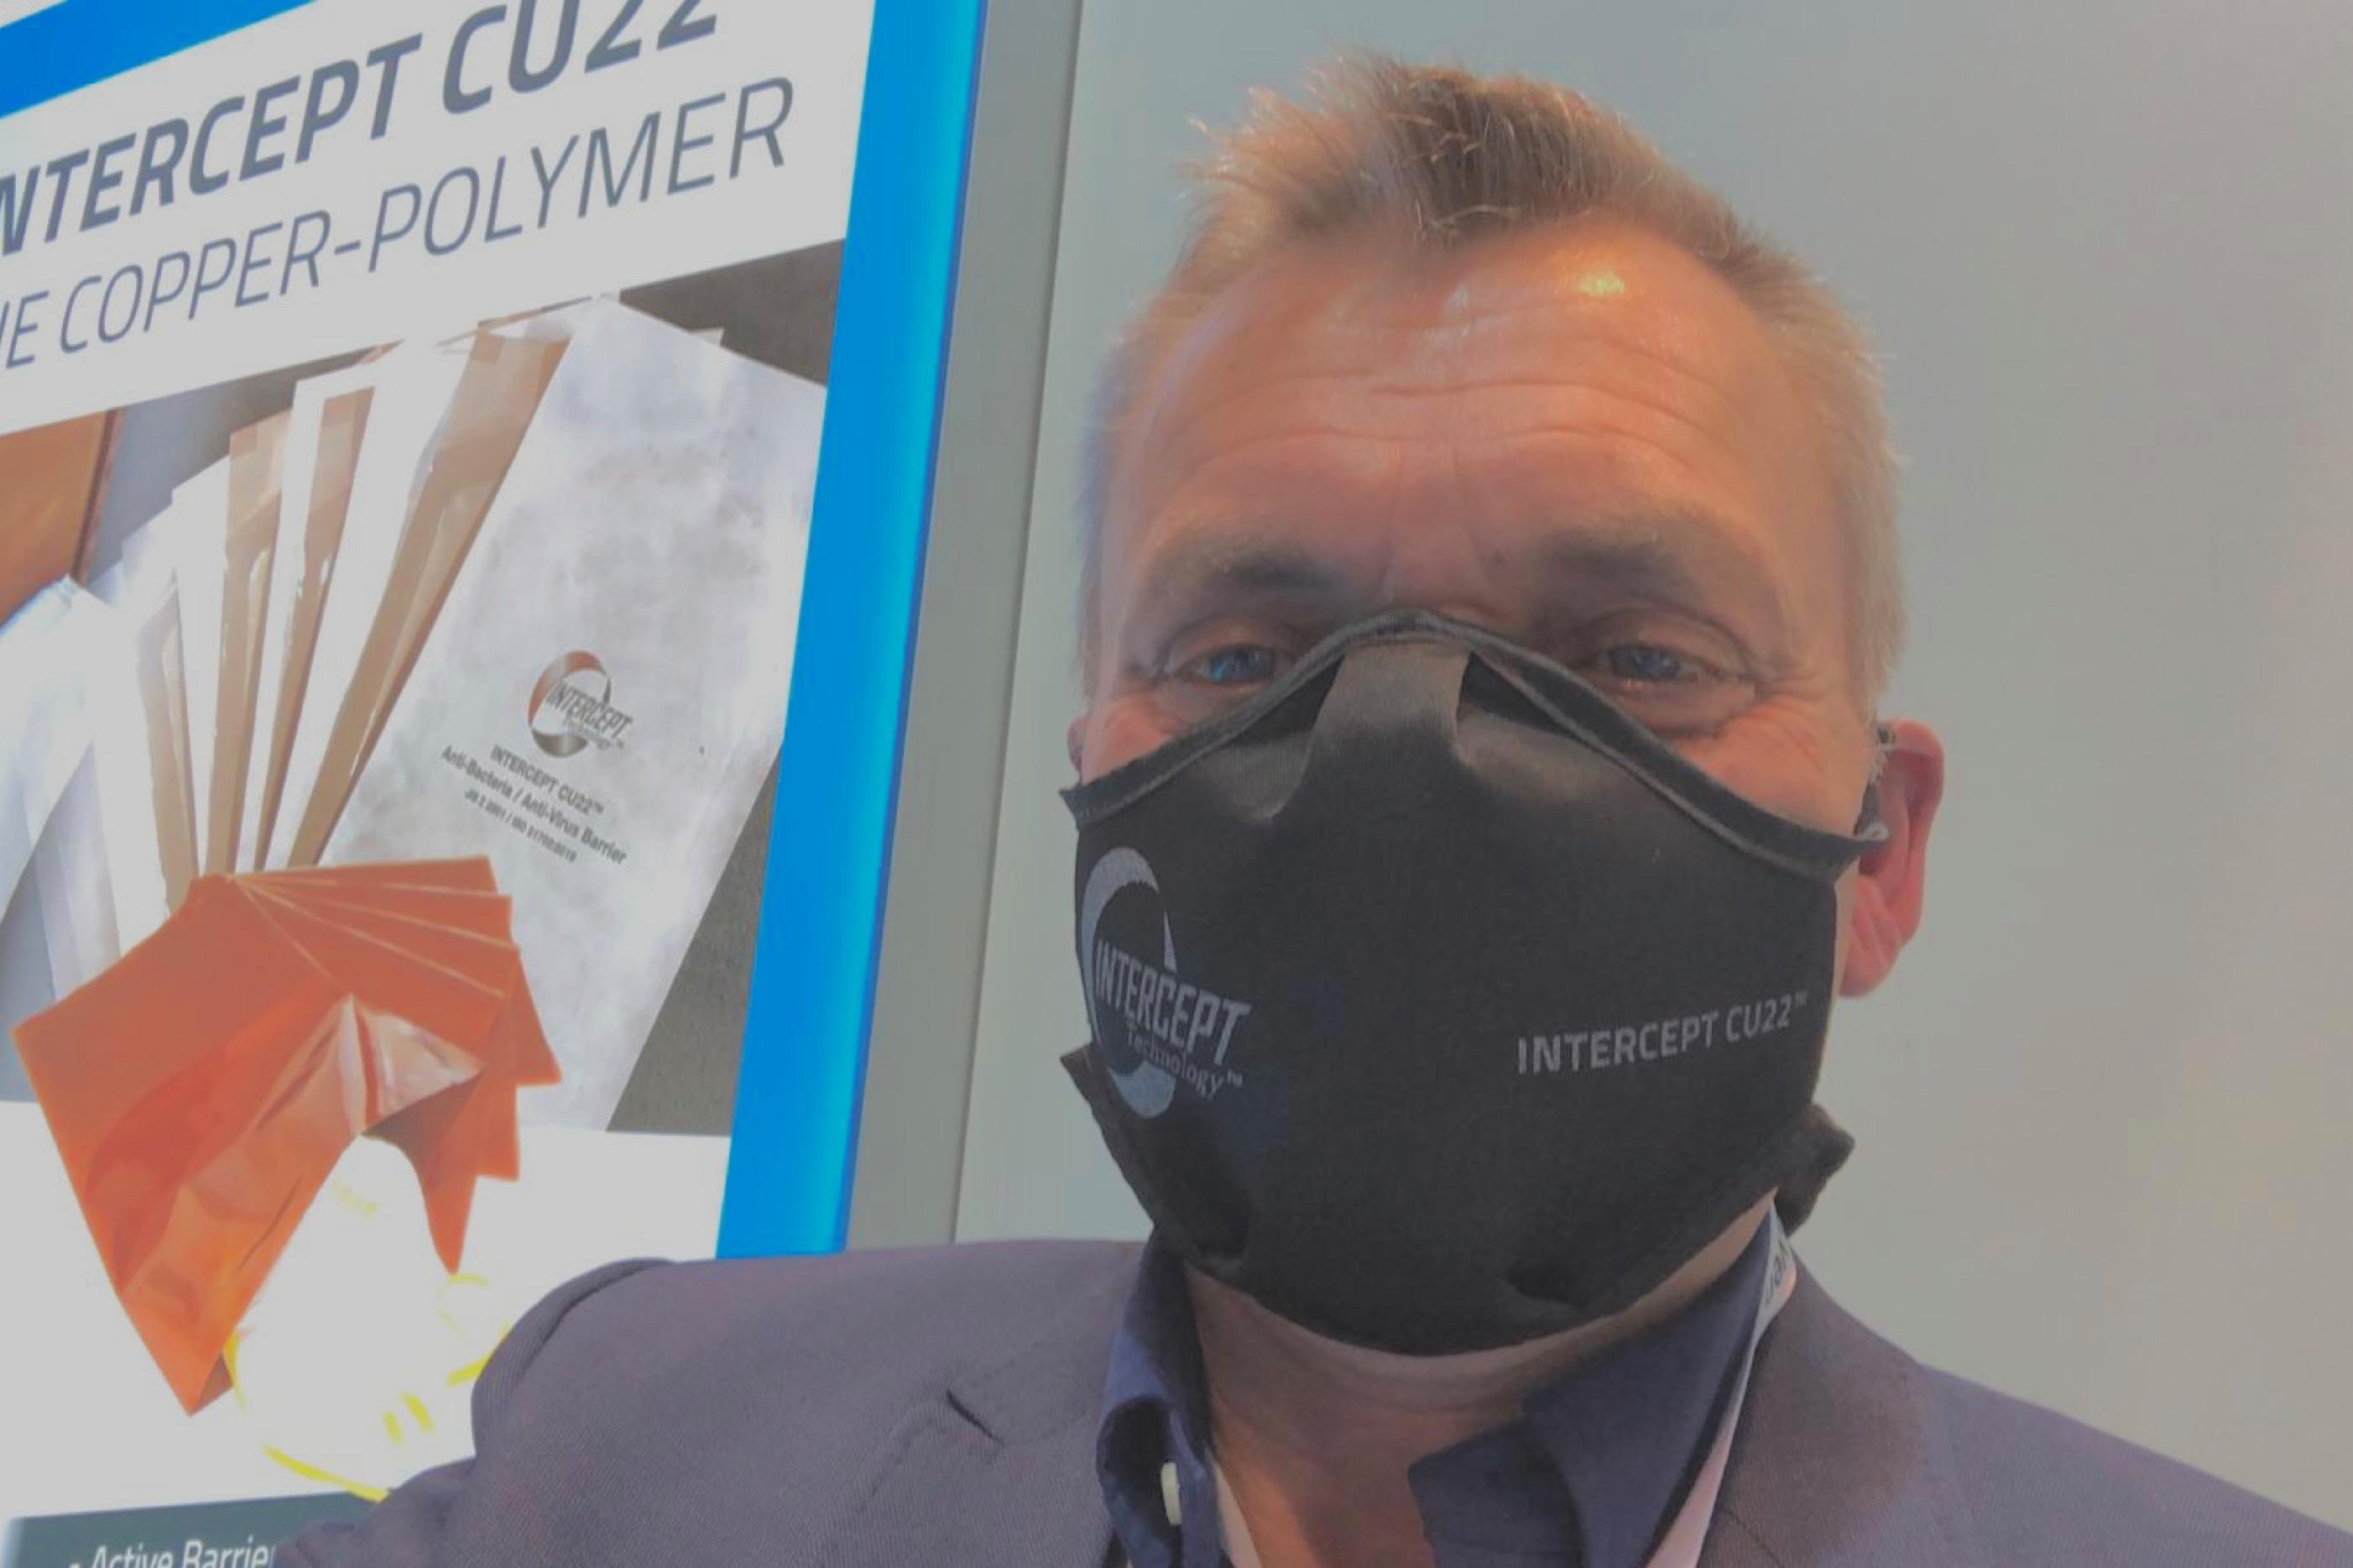 19 Hours: an Intercept CU22 Mask Wearer's Travelogue